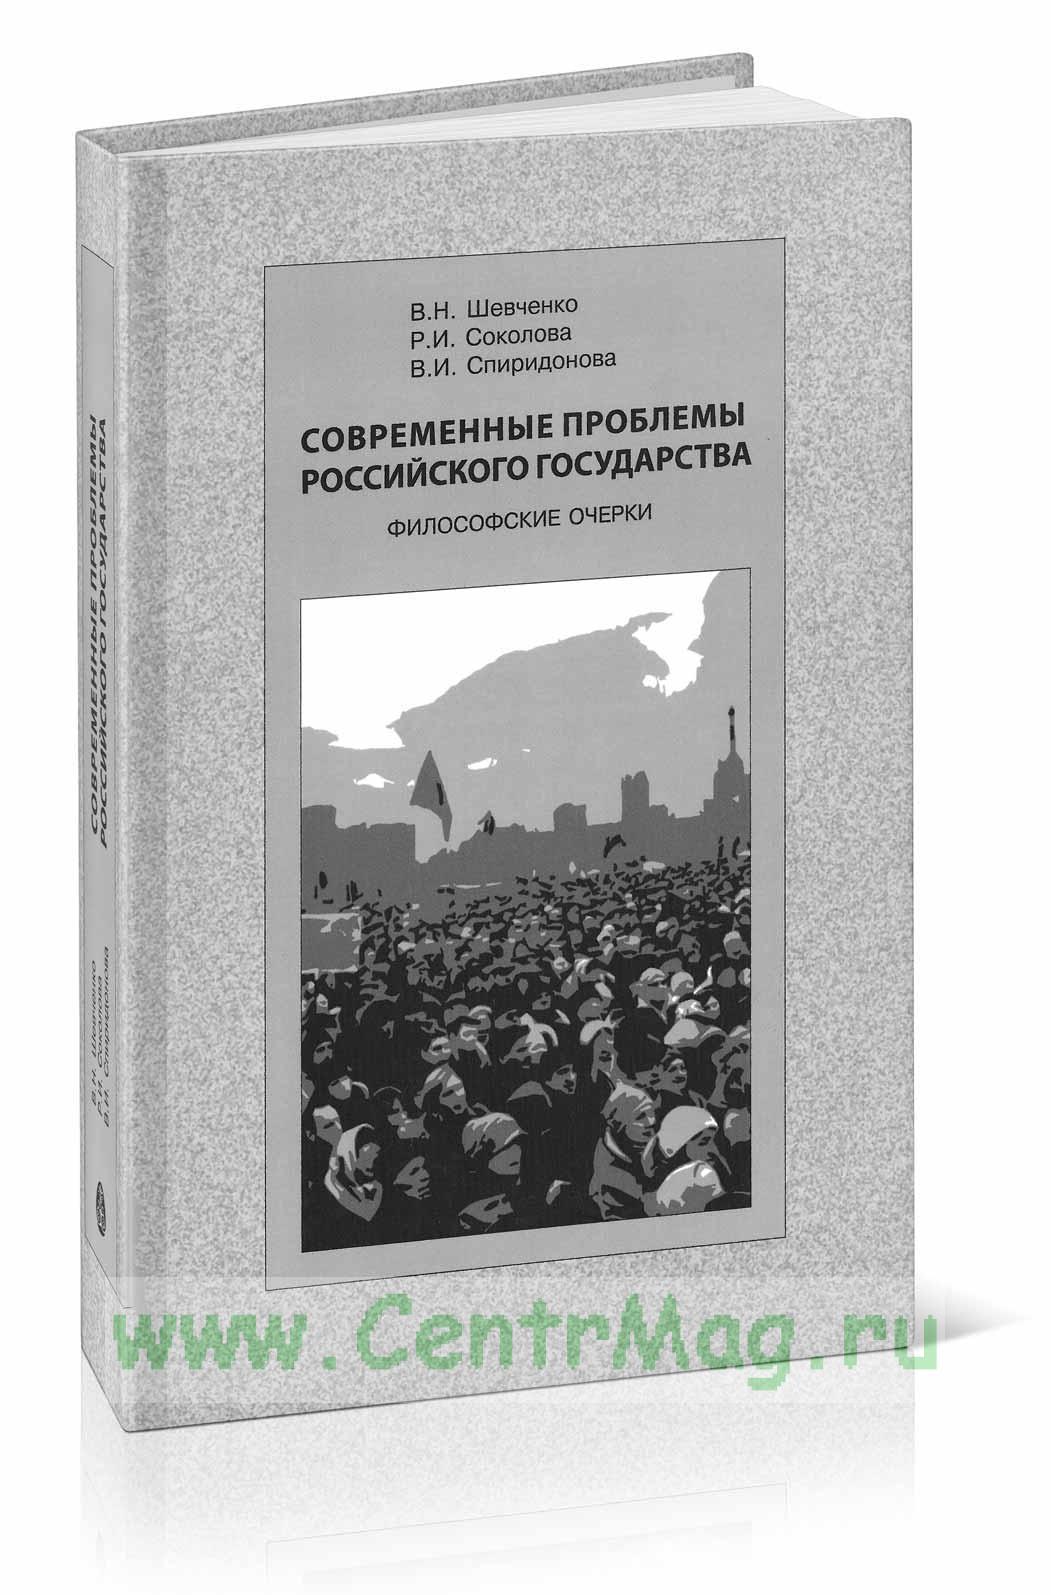 Современные проблемы Российского государства. Философские очерки